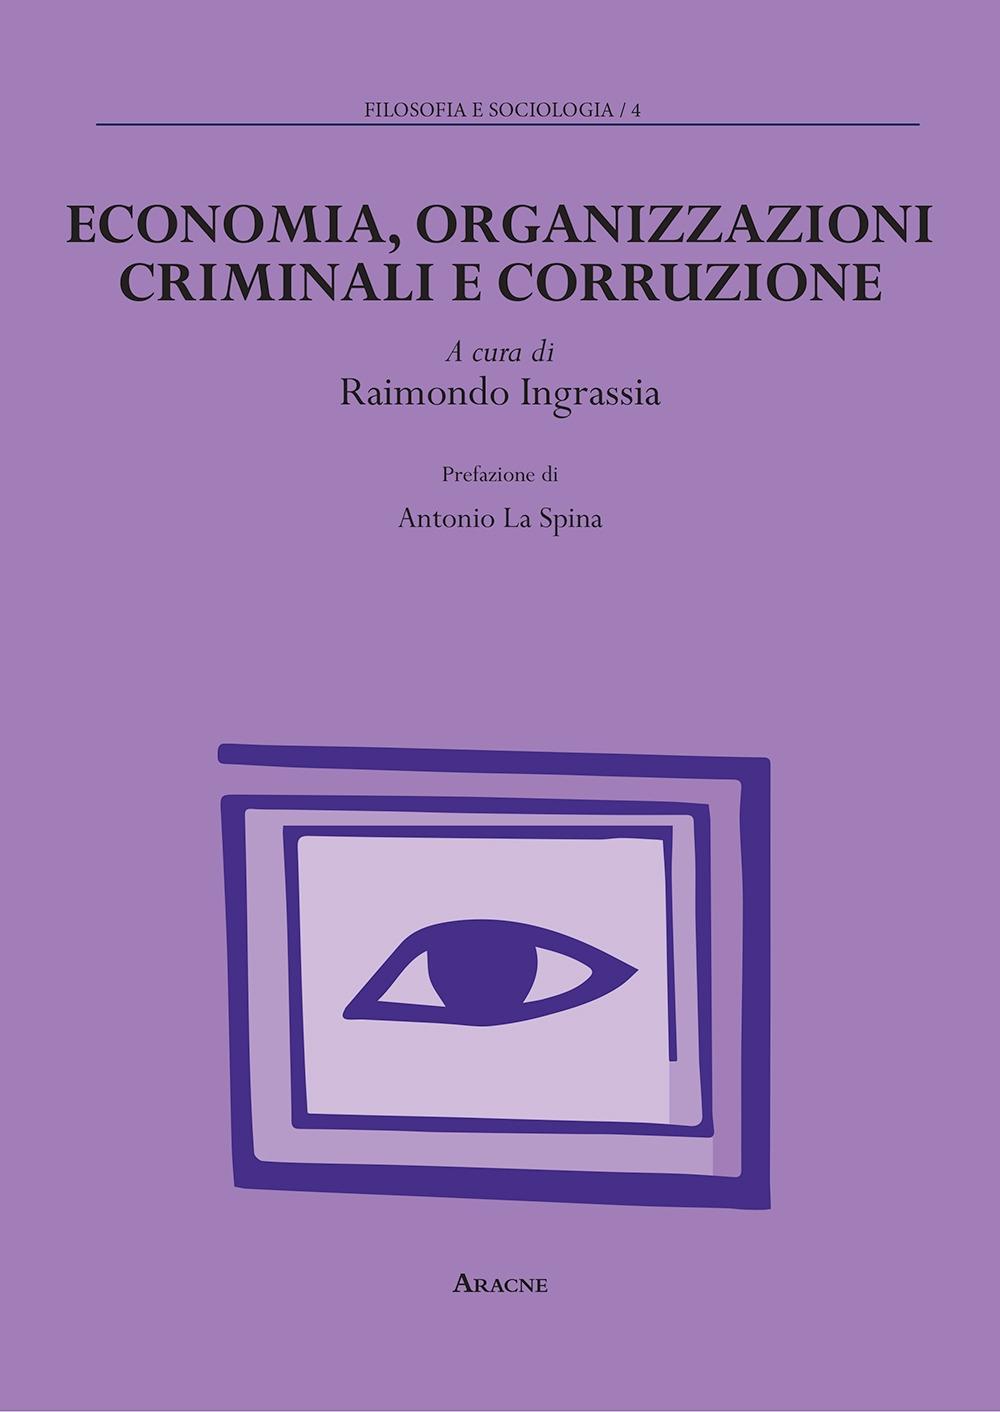 Economia, organizzazioni criminali e corruzione